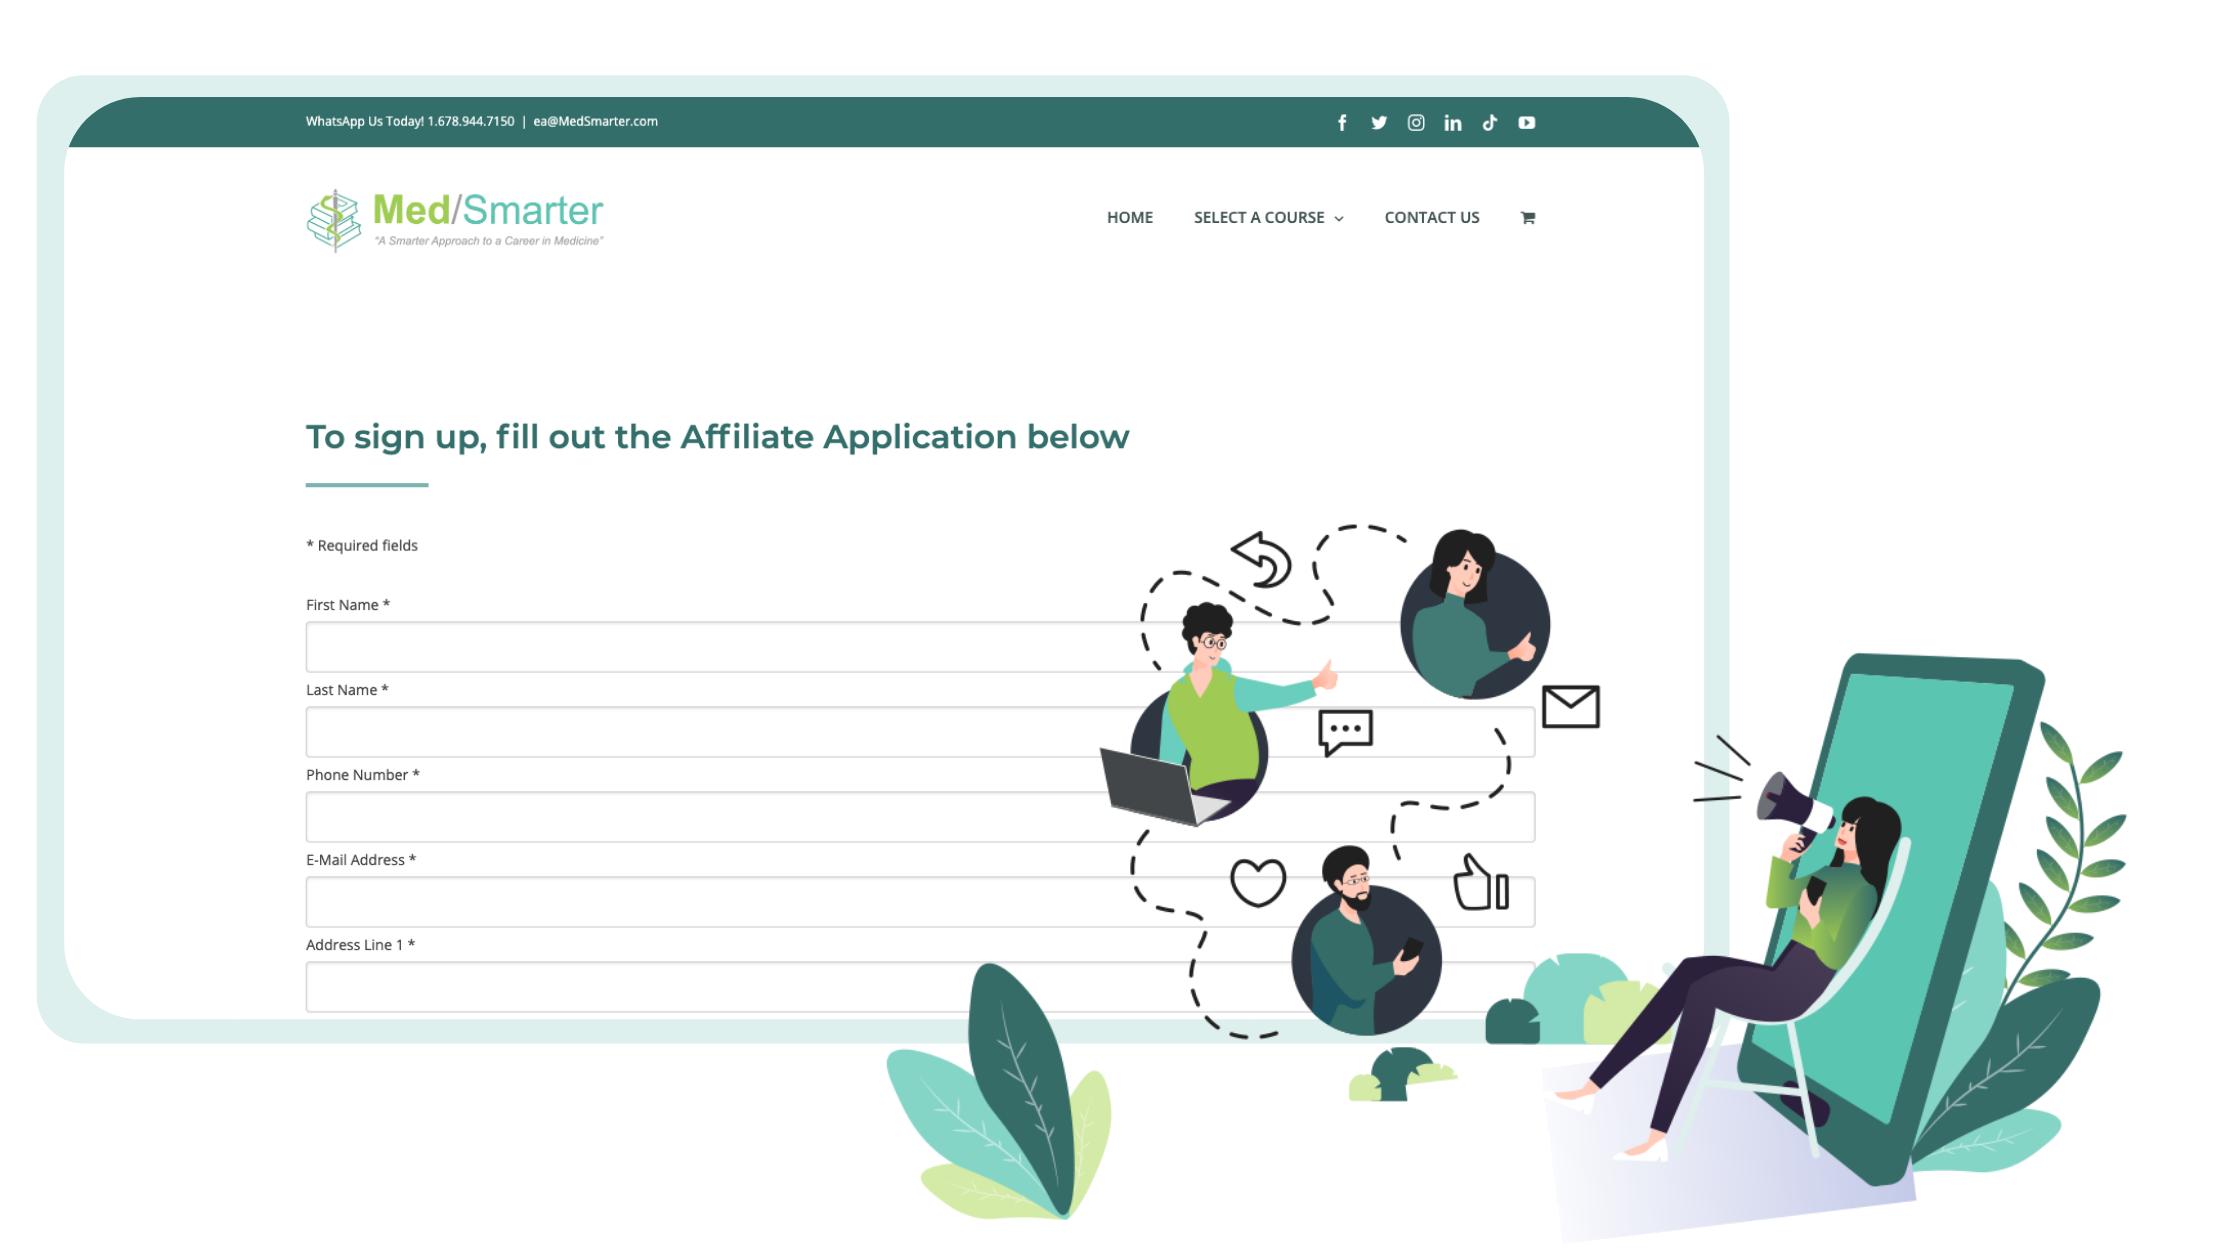 MedSmarter Affiliate Program Sign up form image